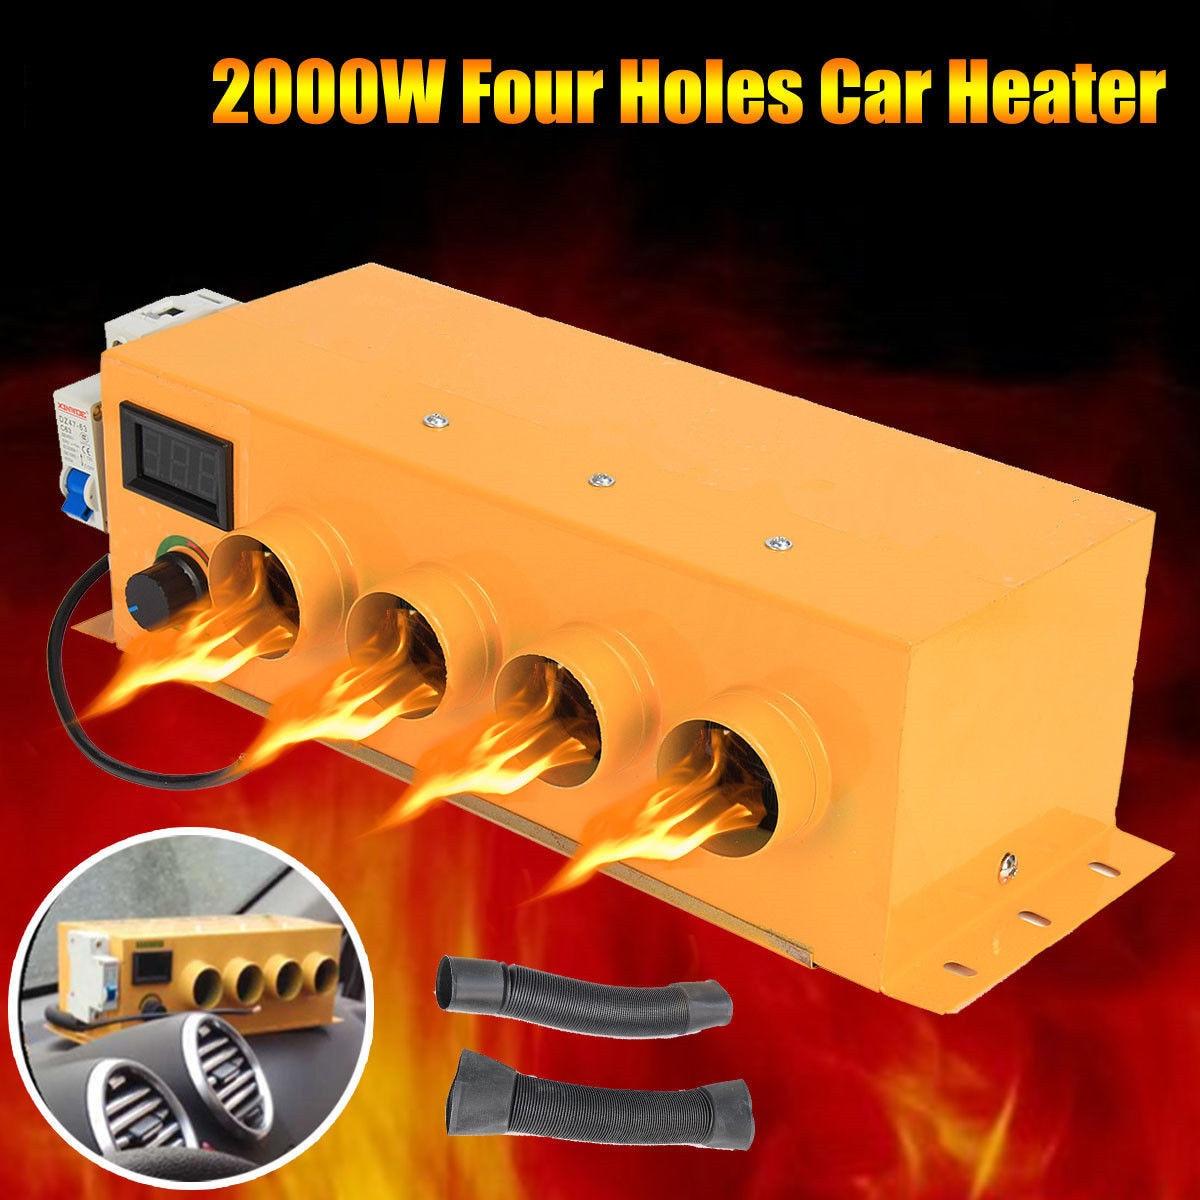 4 fori di richiamo Auto Riscaldatore 2000 w 12 v LCD Voltmetro Riscaldamento Aria Condizionata di Controllo della Temperatura Più Caldo di Vetro Della Finestra Sbrinatore Disappannatore